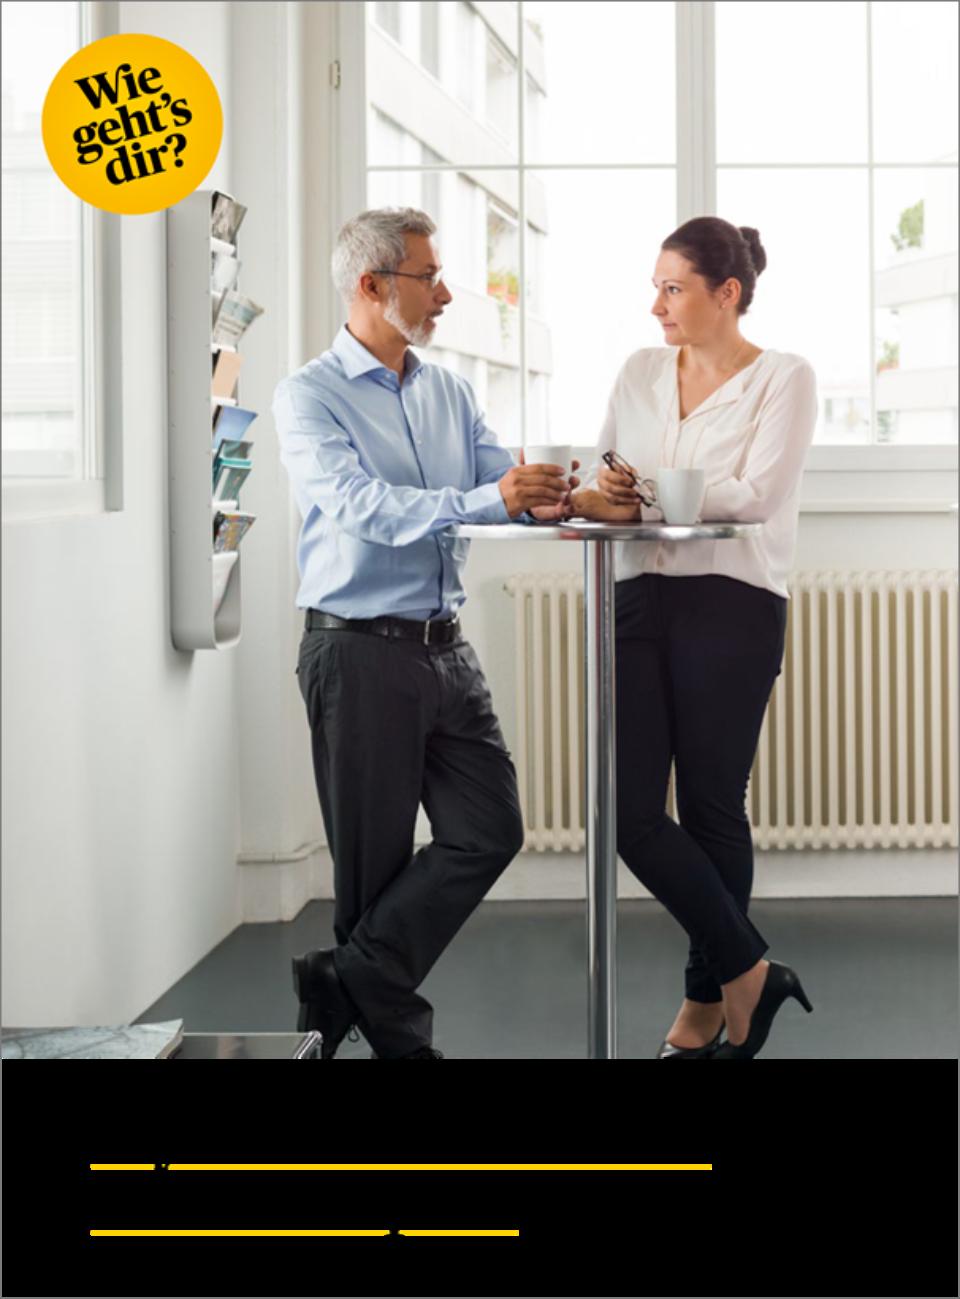 «Wie geht's dir?» Broschüre für Psychische Gesundheit am Arbeitsplatz. Download und Bestellung auf www.wie-gehts-dir.ch